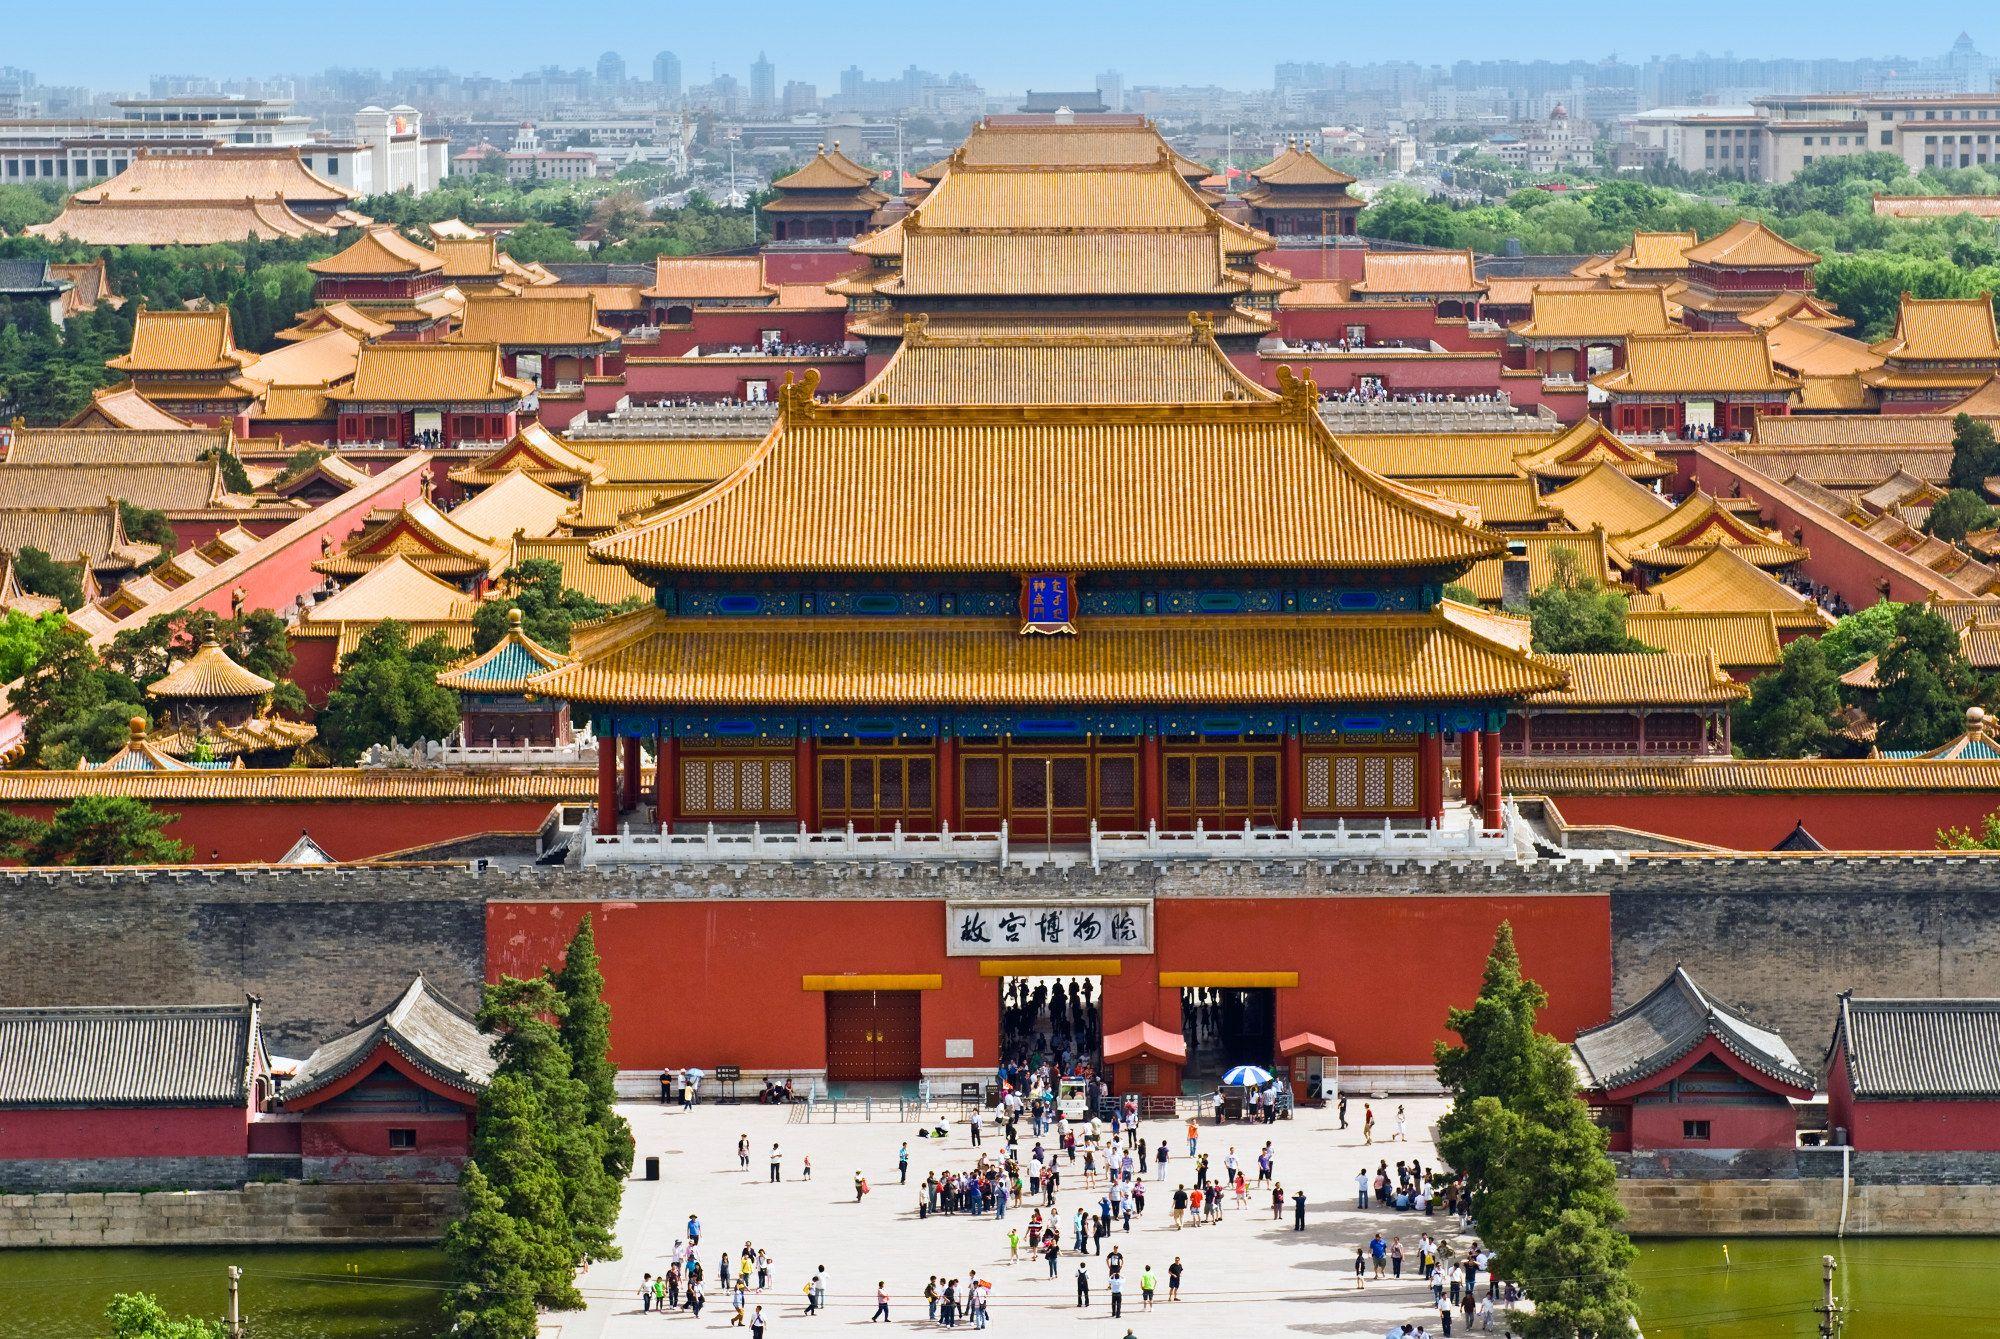 Ciudad prohibida (China).  Fue el palacio imperial de China desde la Dinastía Ming hasta la Quing. Se encuentra en el centro de Pekín, y, durante muchos años, fue residencia del emperador de China así como centro ceremonial y político del gobierno chino. Data del siglo XV y está contenida por 980 edificios. La UNESCO la nombró Patrimonio de la Humanidad en 1987 por considerarla como la mayor exposición de figuras d madera que se conserva en el mundo.